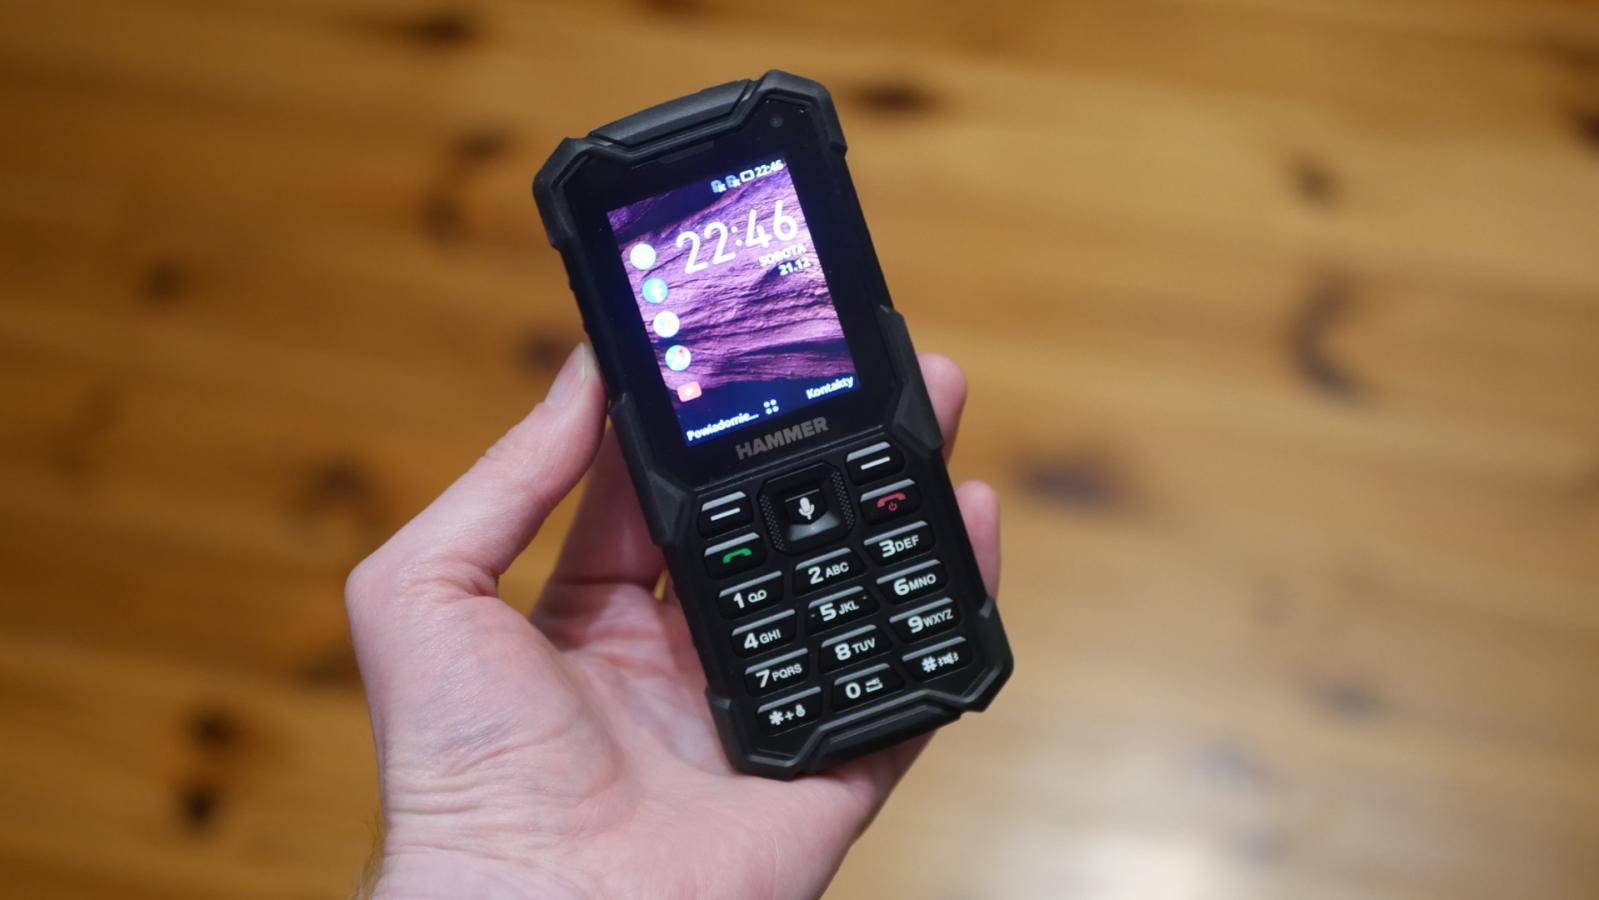 Recenzja Hammer 5 Smart - wytrzymały telefon z funkcjonalnym KaiOS 26